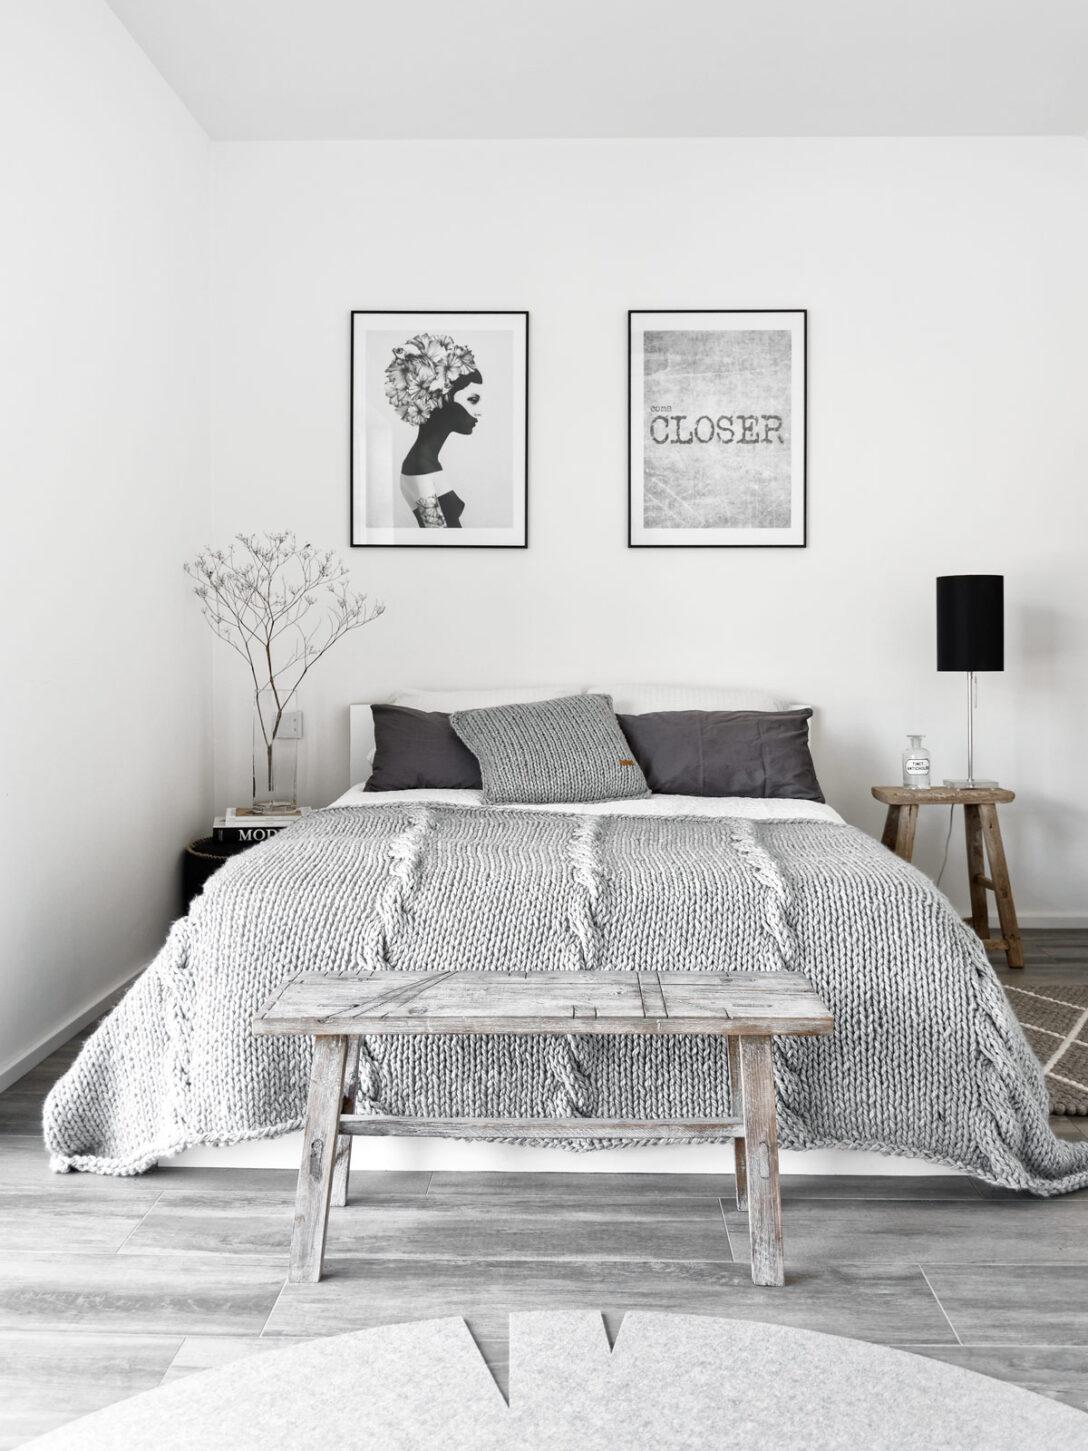 Large Size of Diy Kuschelige Decke Mit Dicken Maschen Selber Stricken Mxliving Deckenlampen Für Wohnzimmer Deckenleuchte Bad Modern Deckenlampe Schlafzimmer Küche Wohnzimmer Schöne Decken